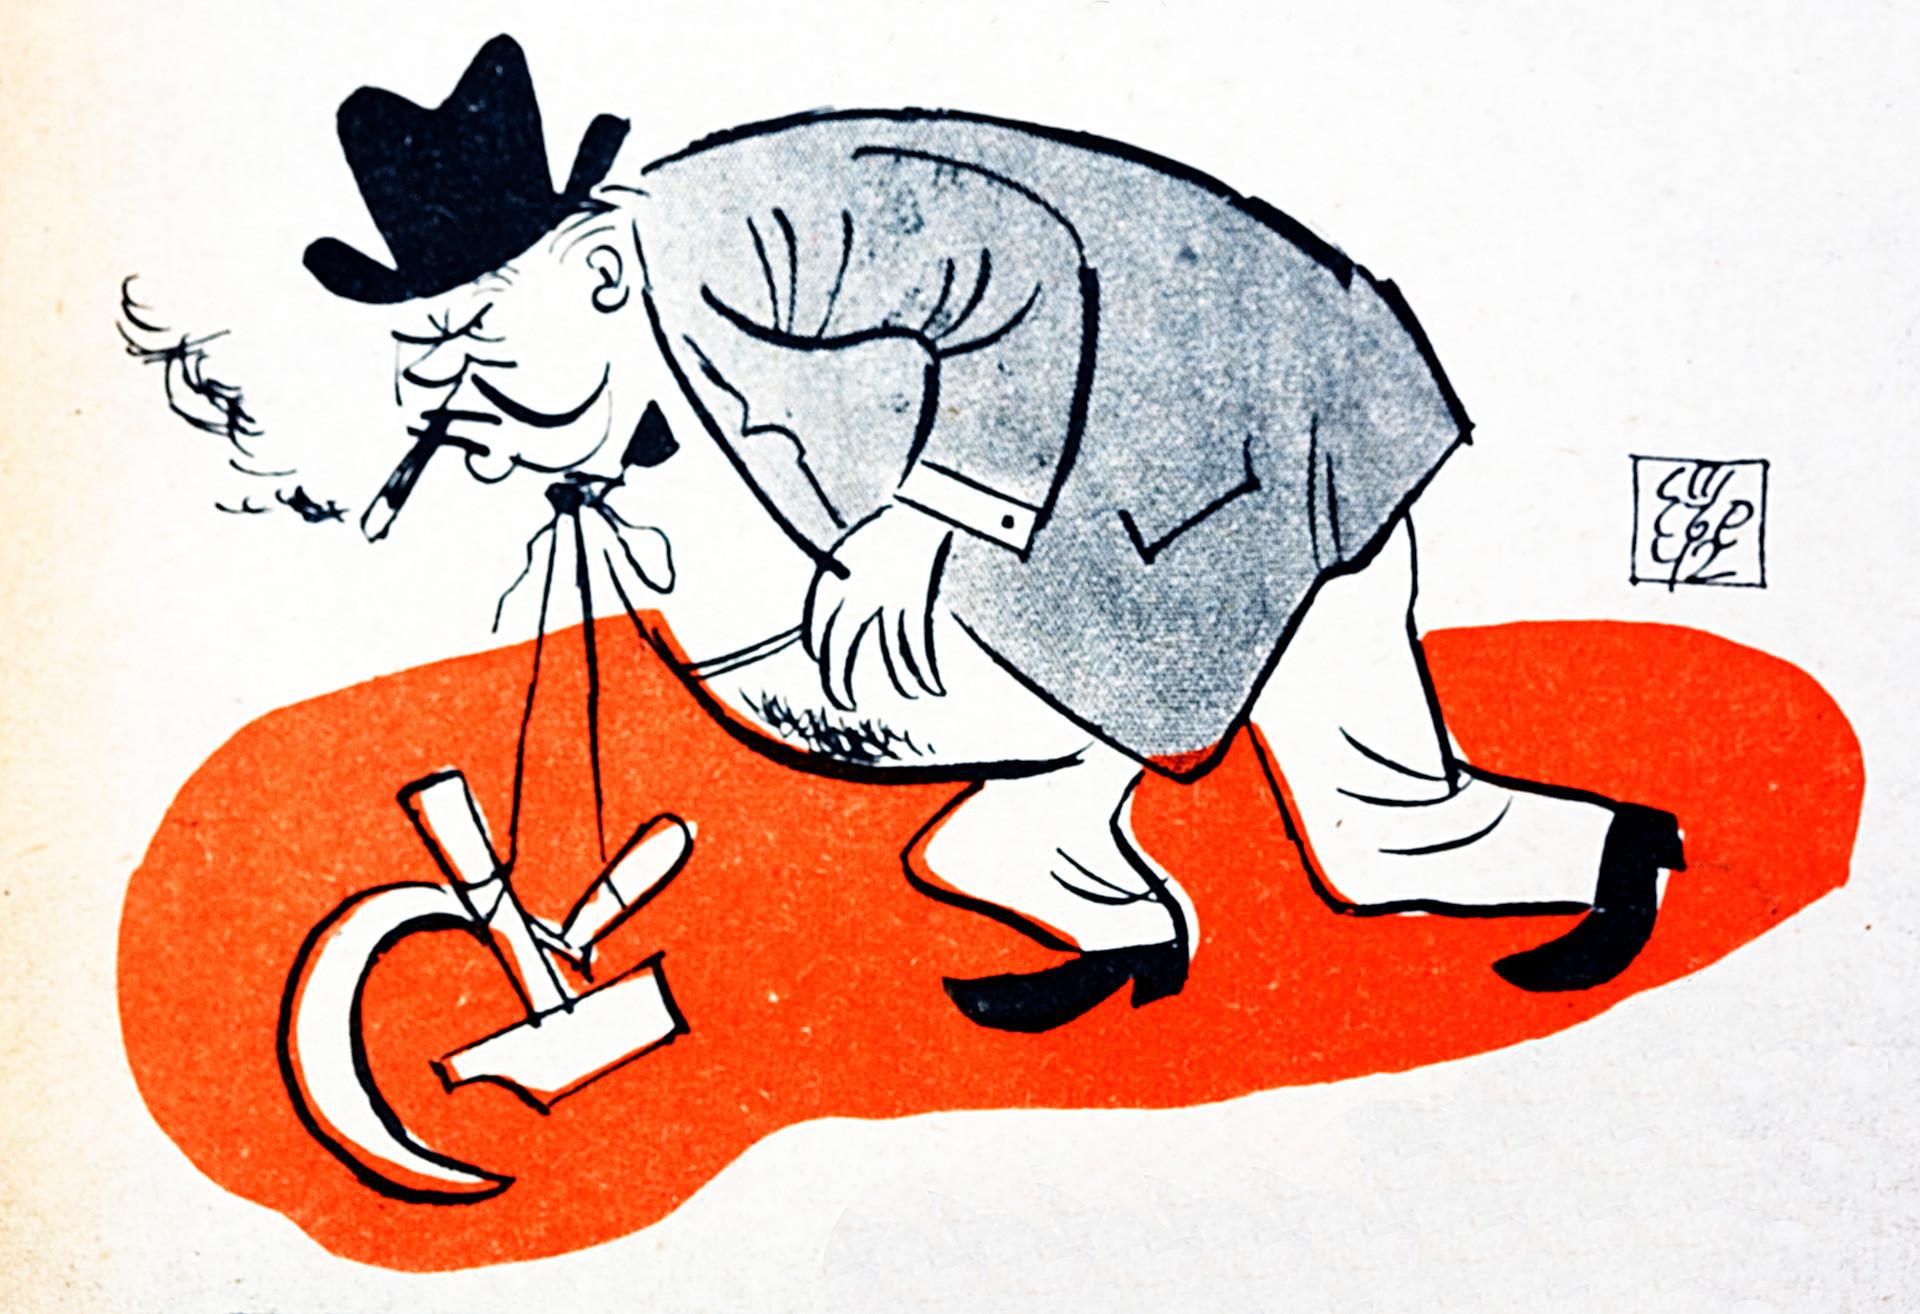 Карикатура Винстона Чечила са српом и чекићем око врата као симбол савеза са Русијом, преузета из бугарског пронацистичког пропагандистичког часописа из периода Другог светског рата, пре него што су Руси ослободили Бугарску 1944. године.